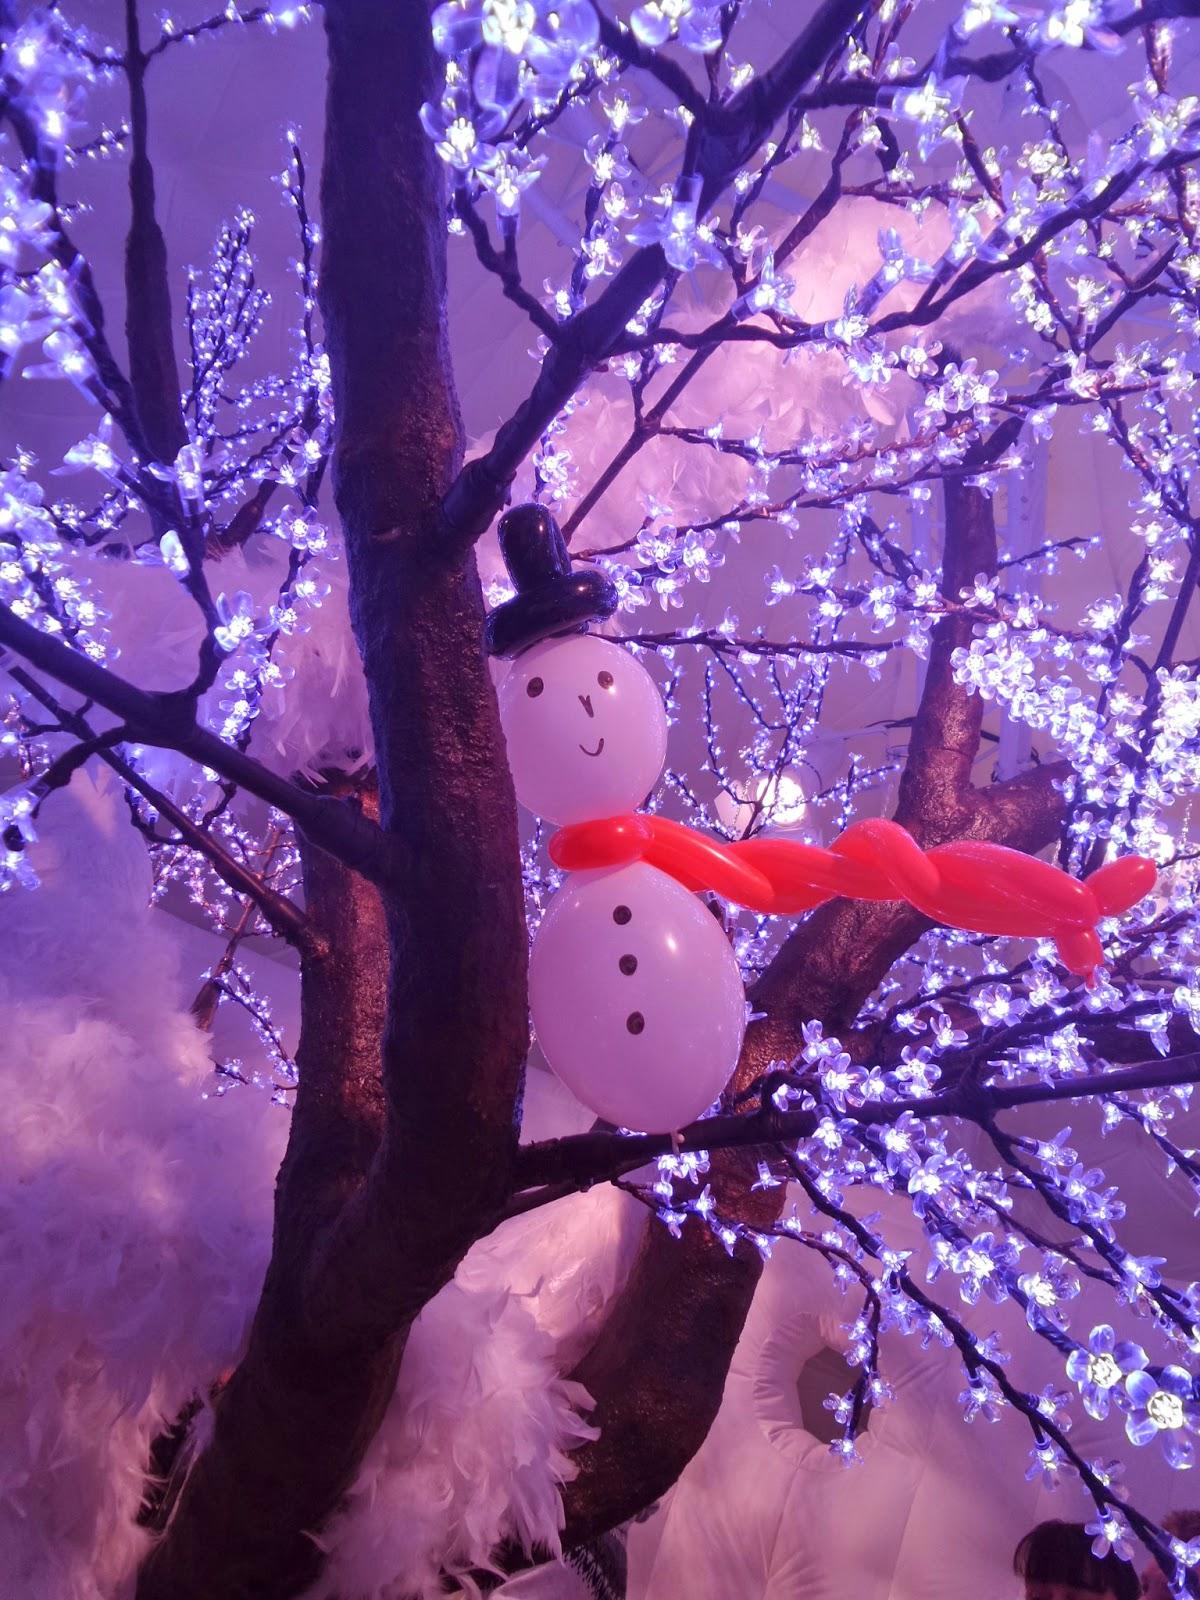 A Balloon Snowman in a tree